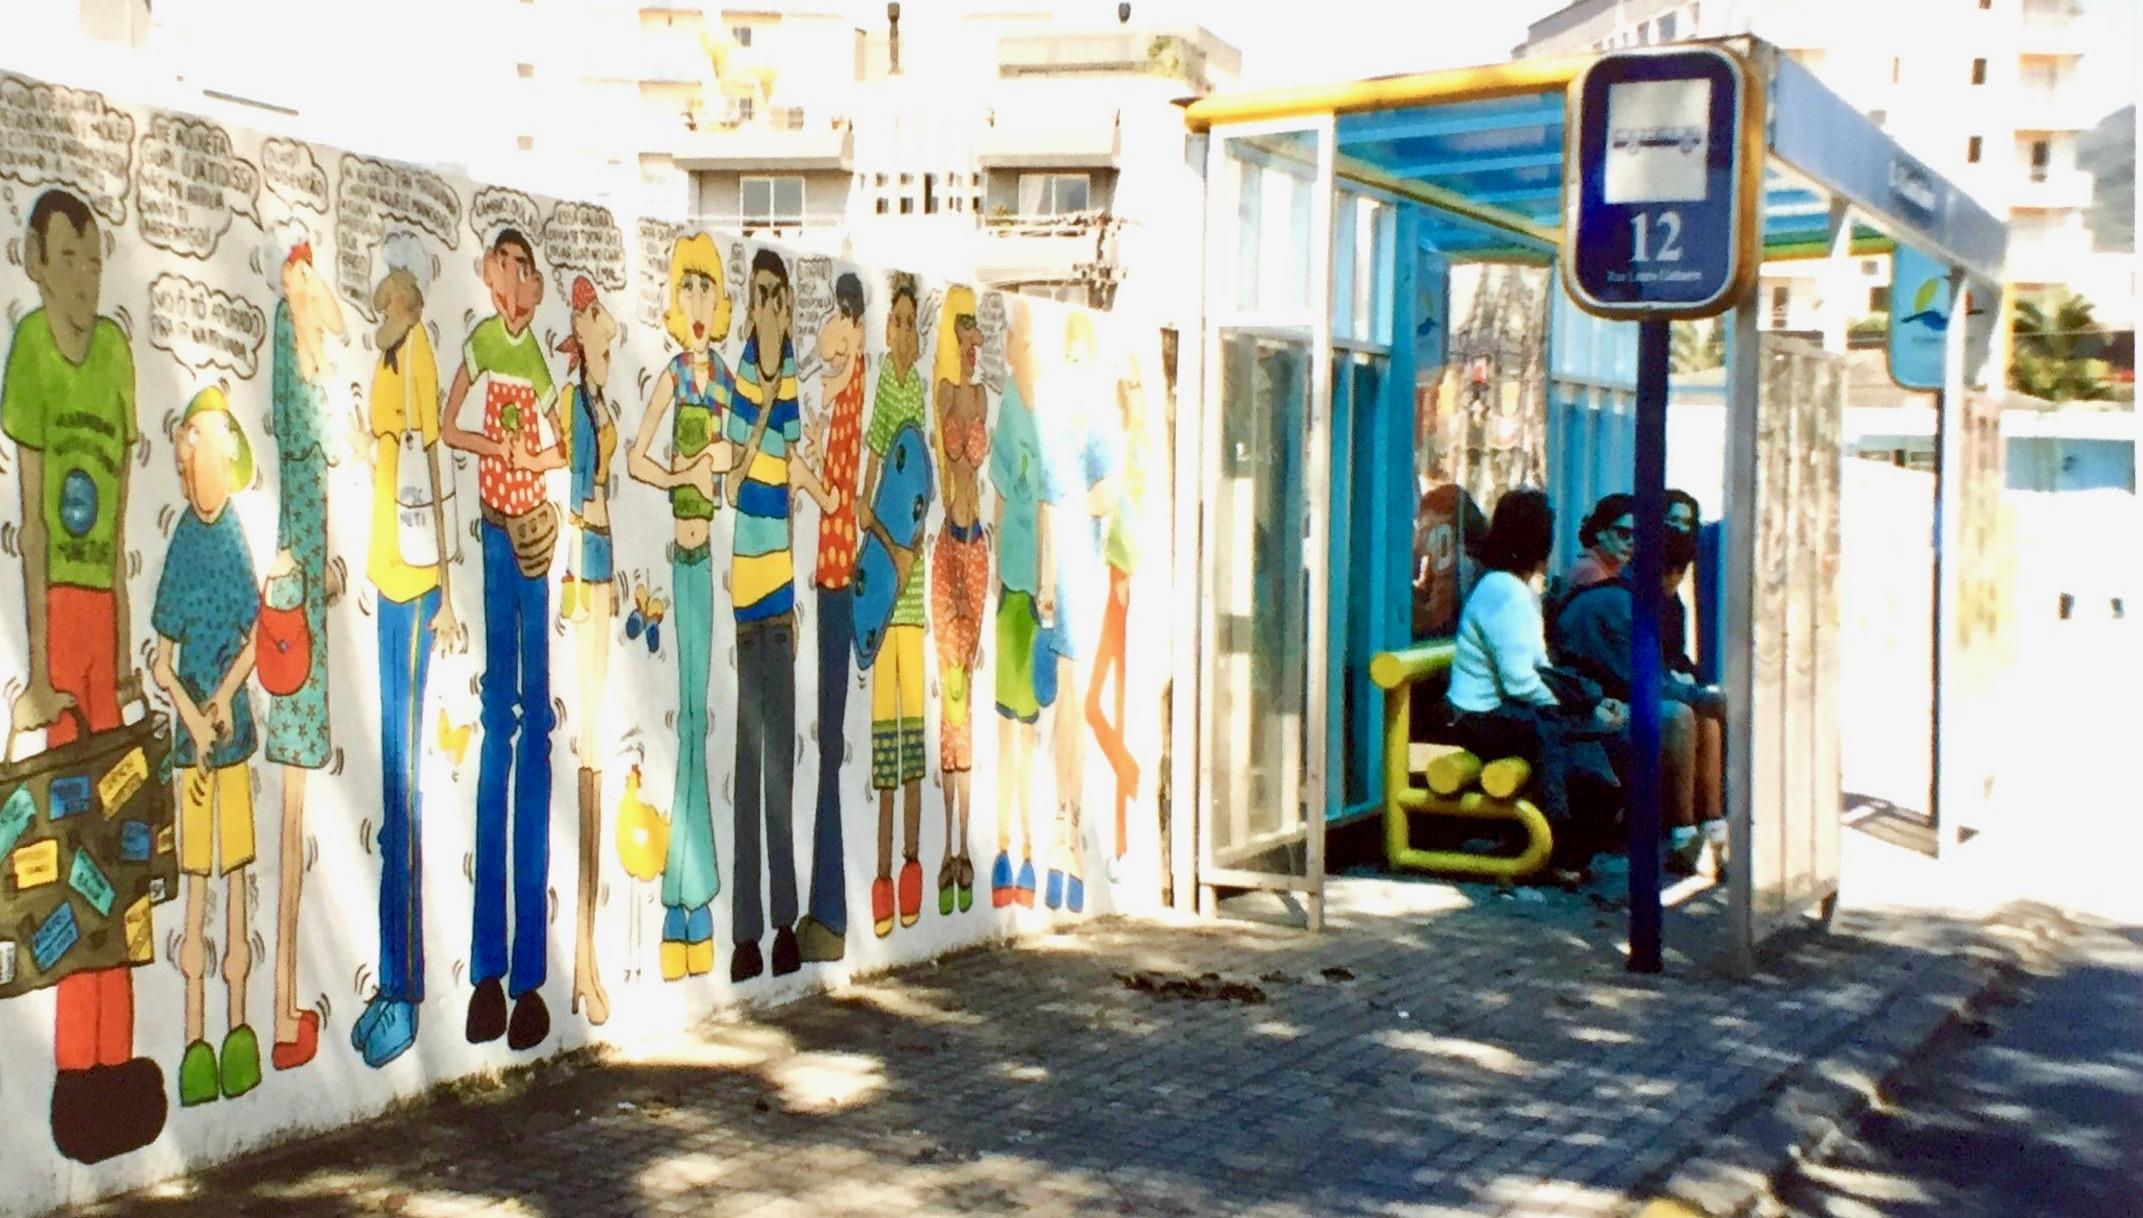 #paracegover A imagem mostra pessoas sentadas no ponto de ônibus ao lado do muro desenhado.